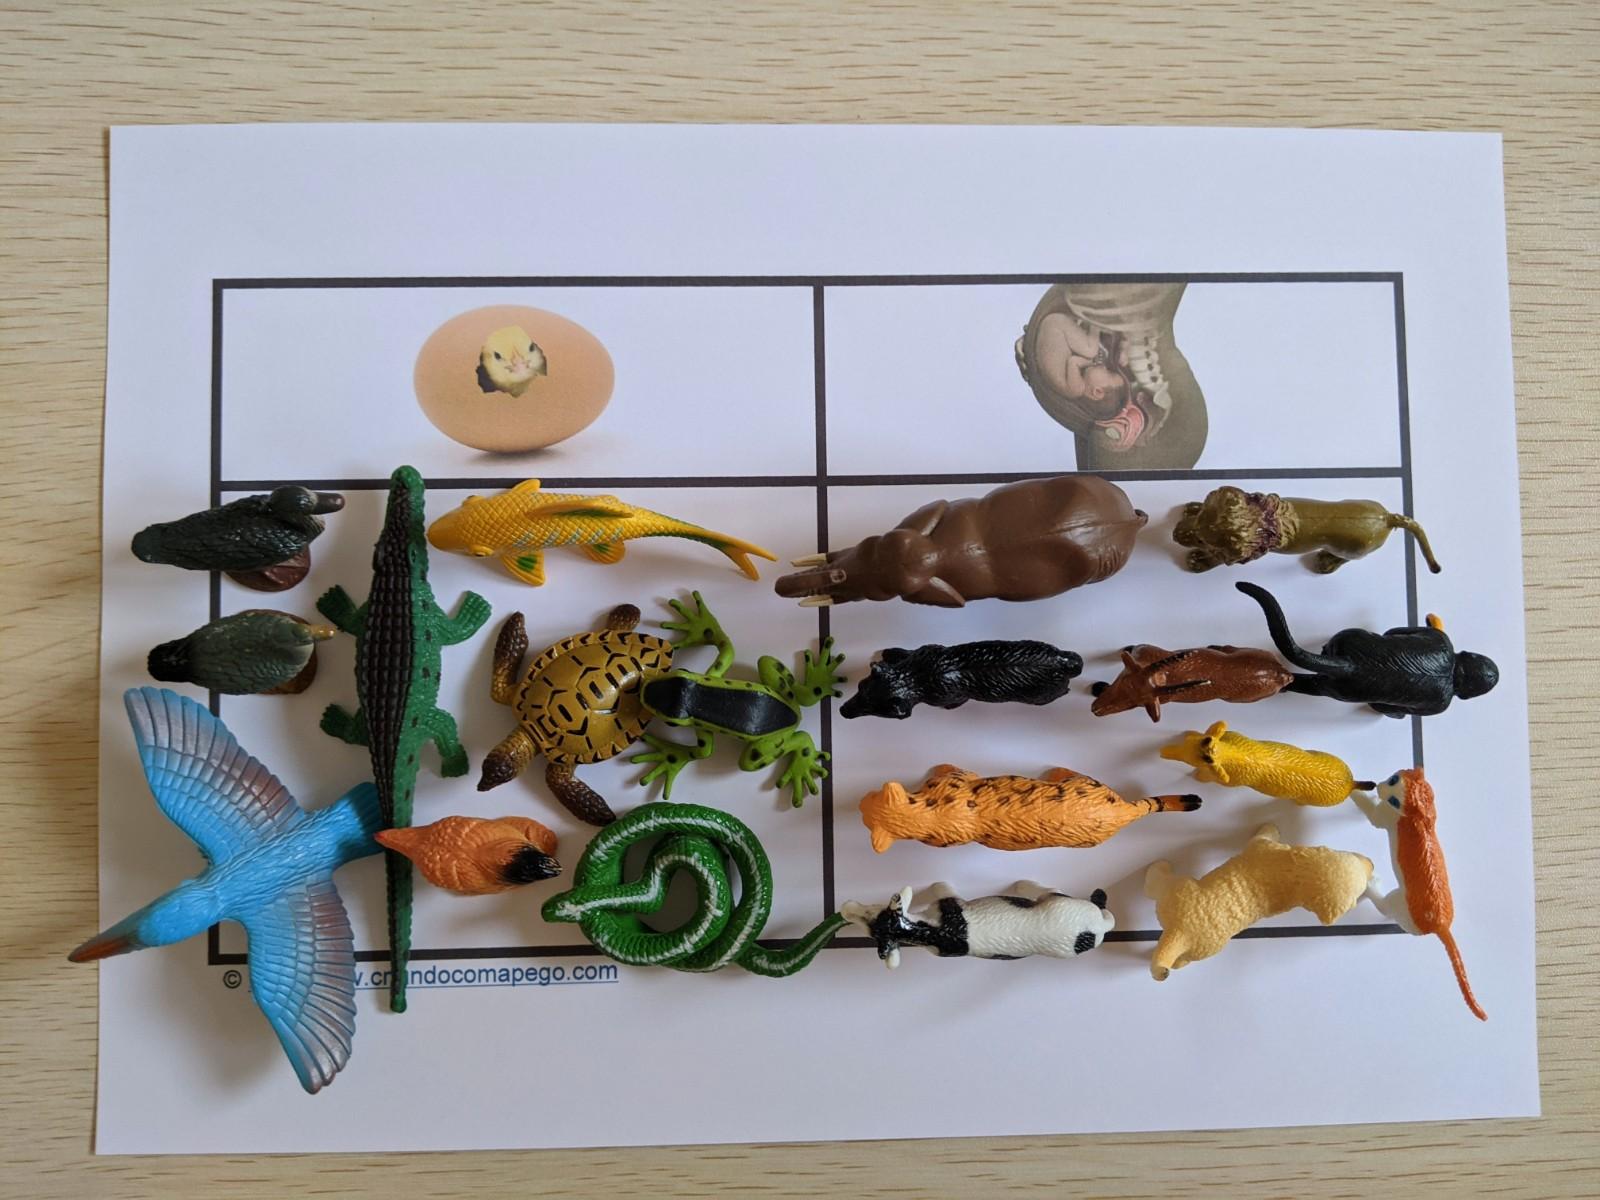 classificacao de animais oviparos e viviparos